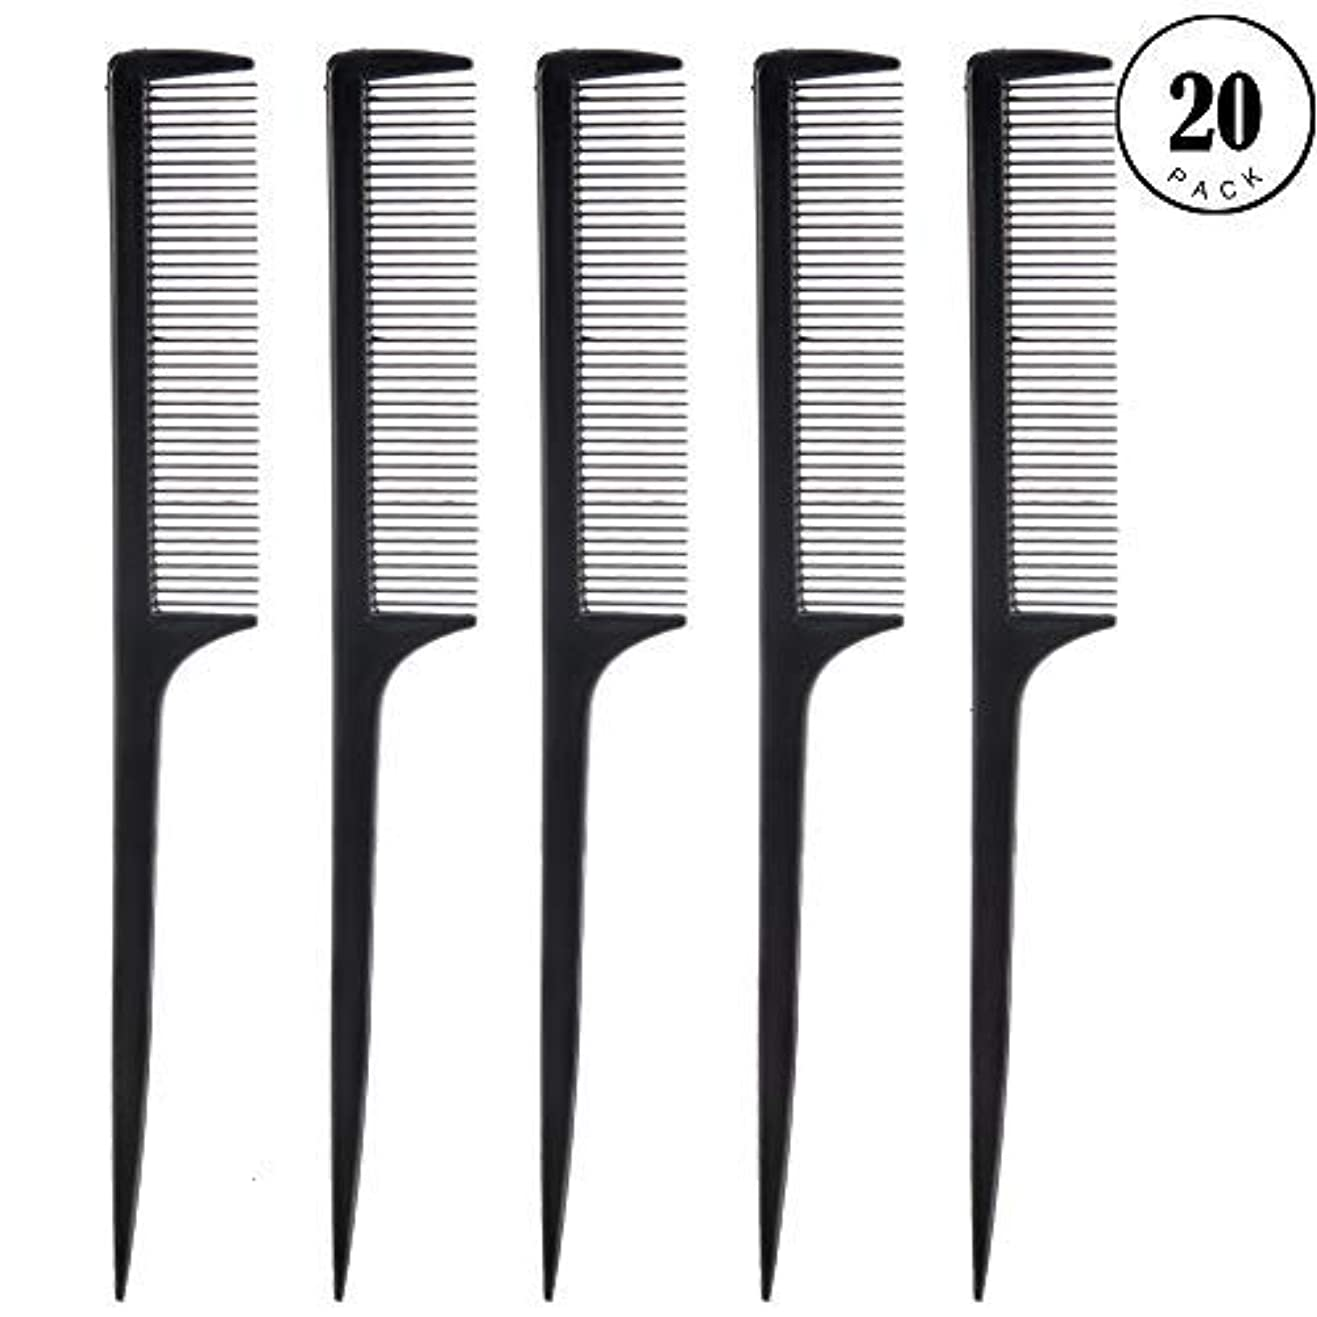 感動する独立した広告するFeeko Comb, 20 Pieces 21CM Plastic Lightweight Rat Tail Comb All Hair Types Black [並行輸入品]